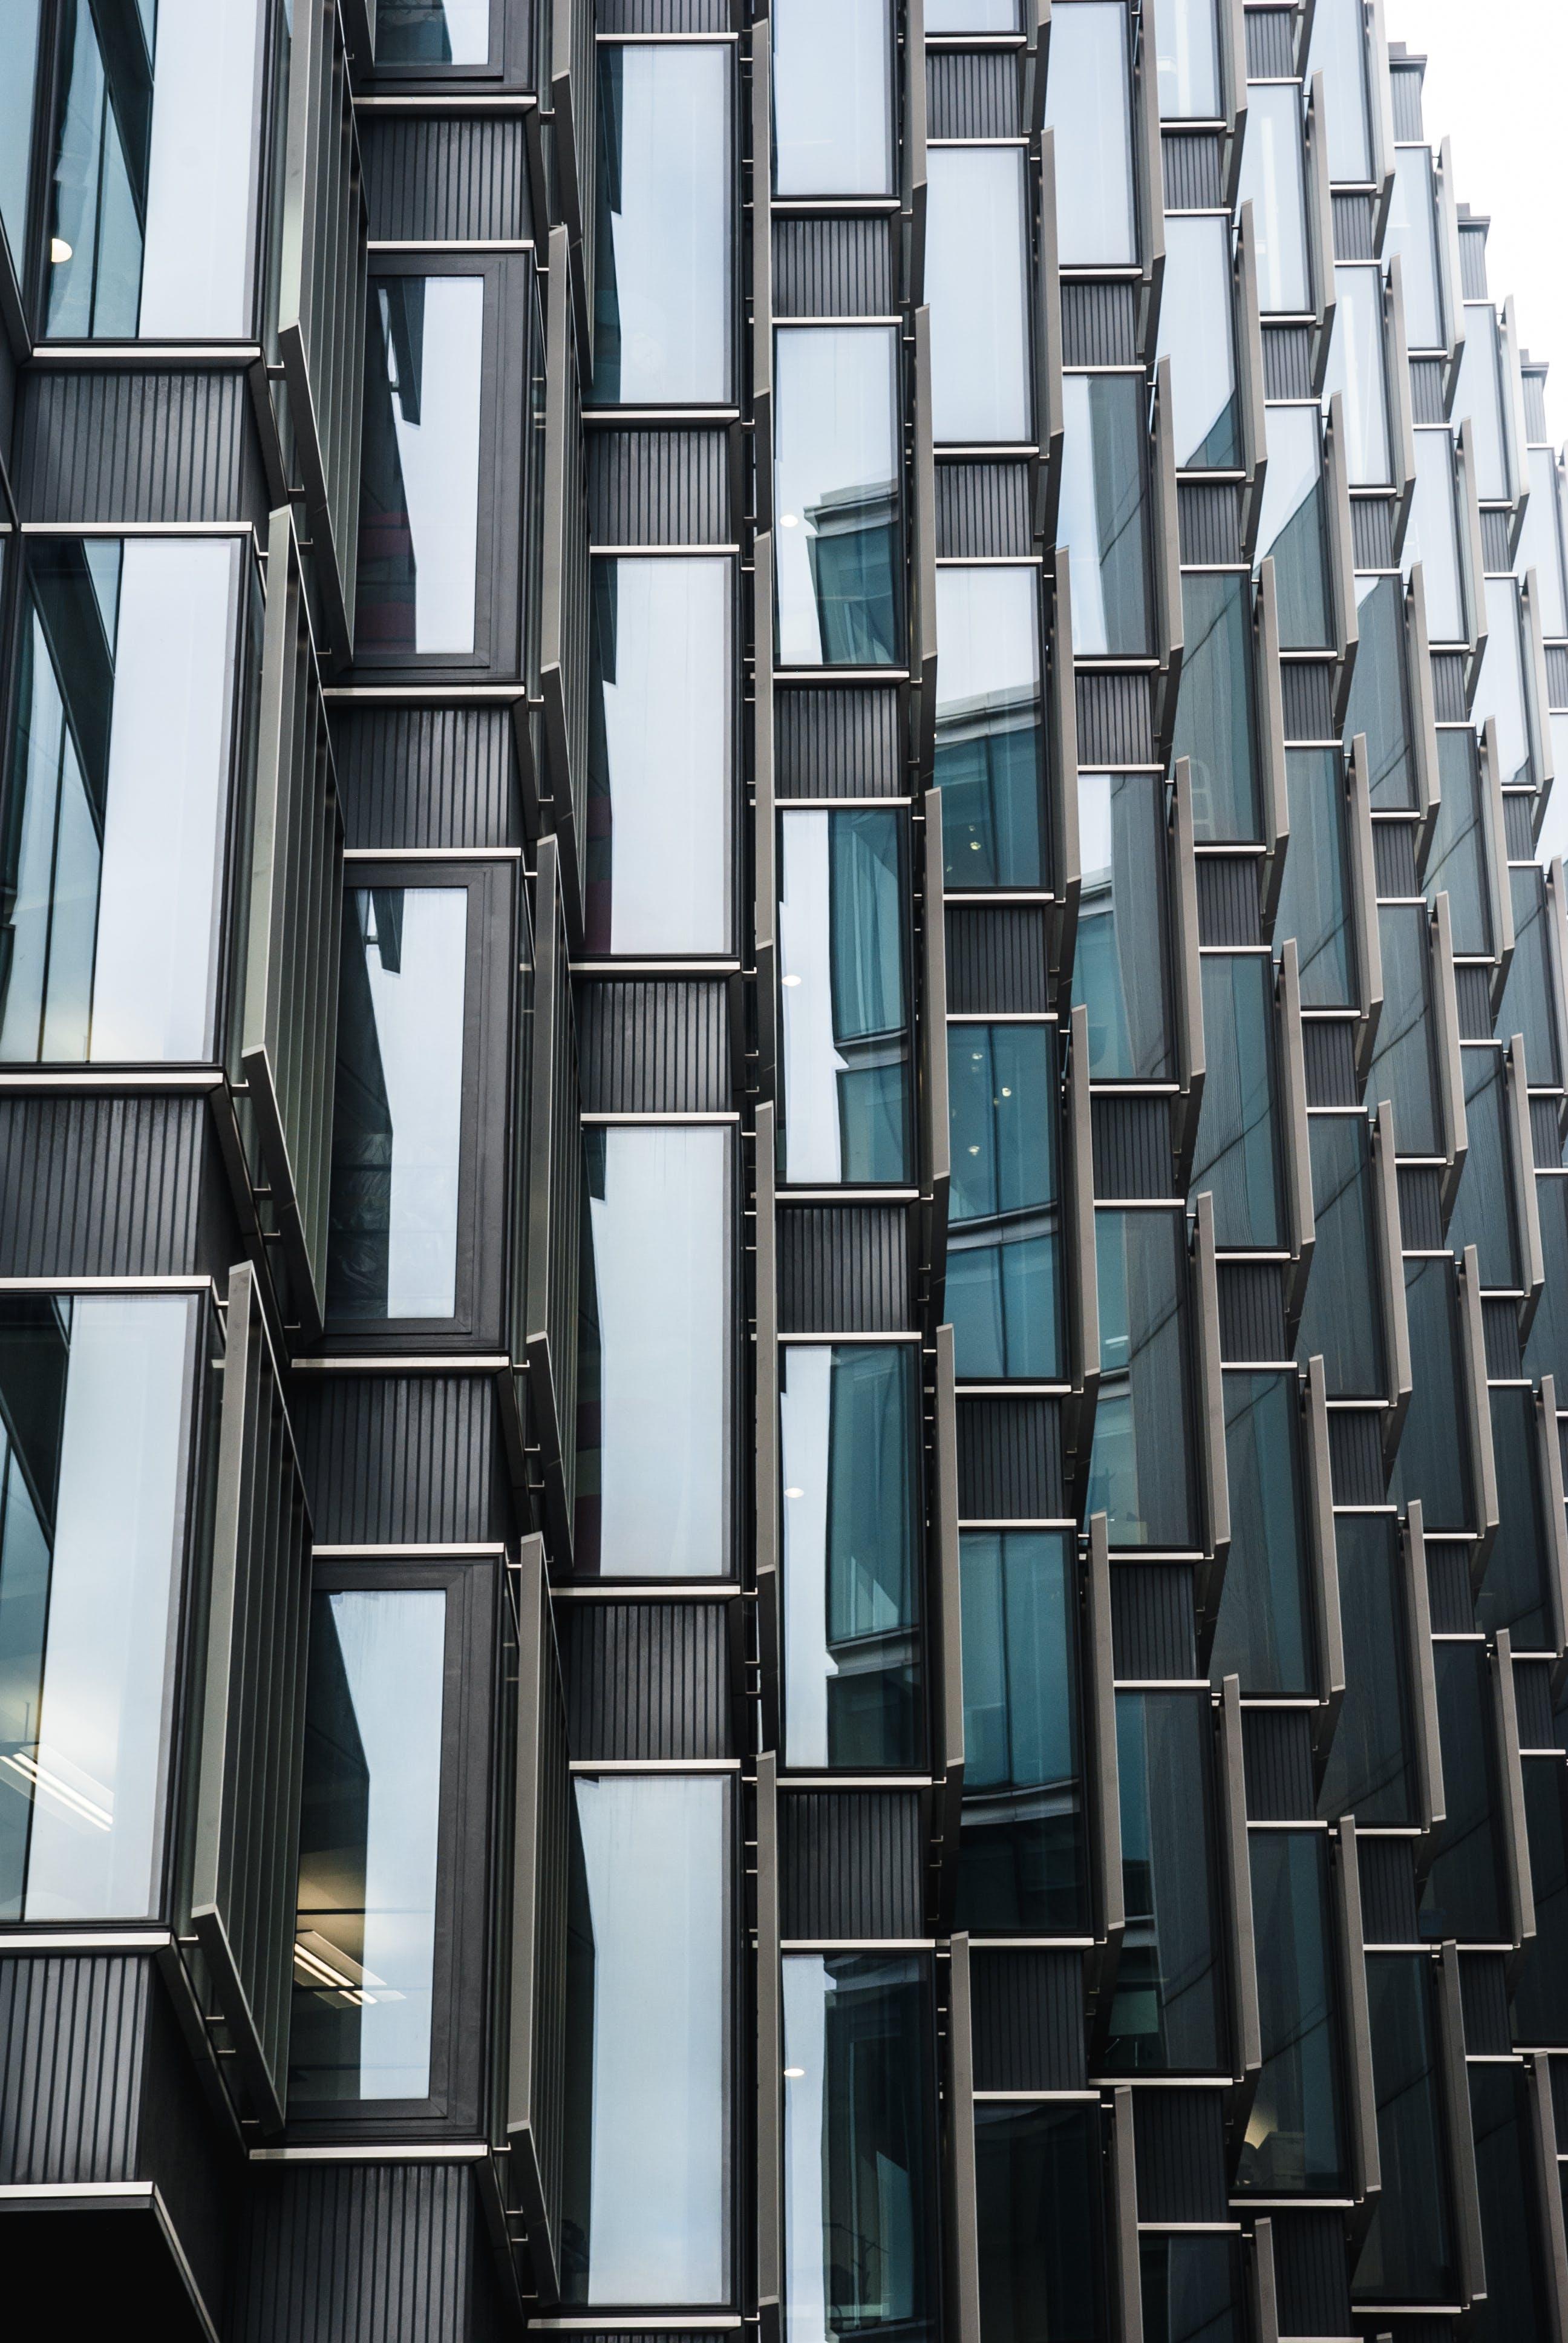 ガラス窓, テクスチャ, パターン, モダンの無料の写真素材